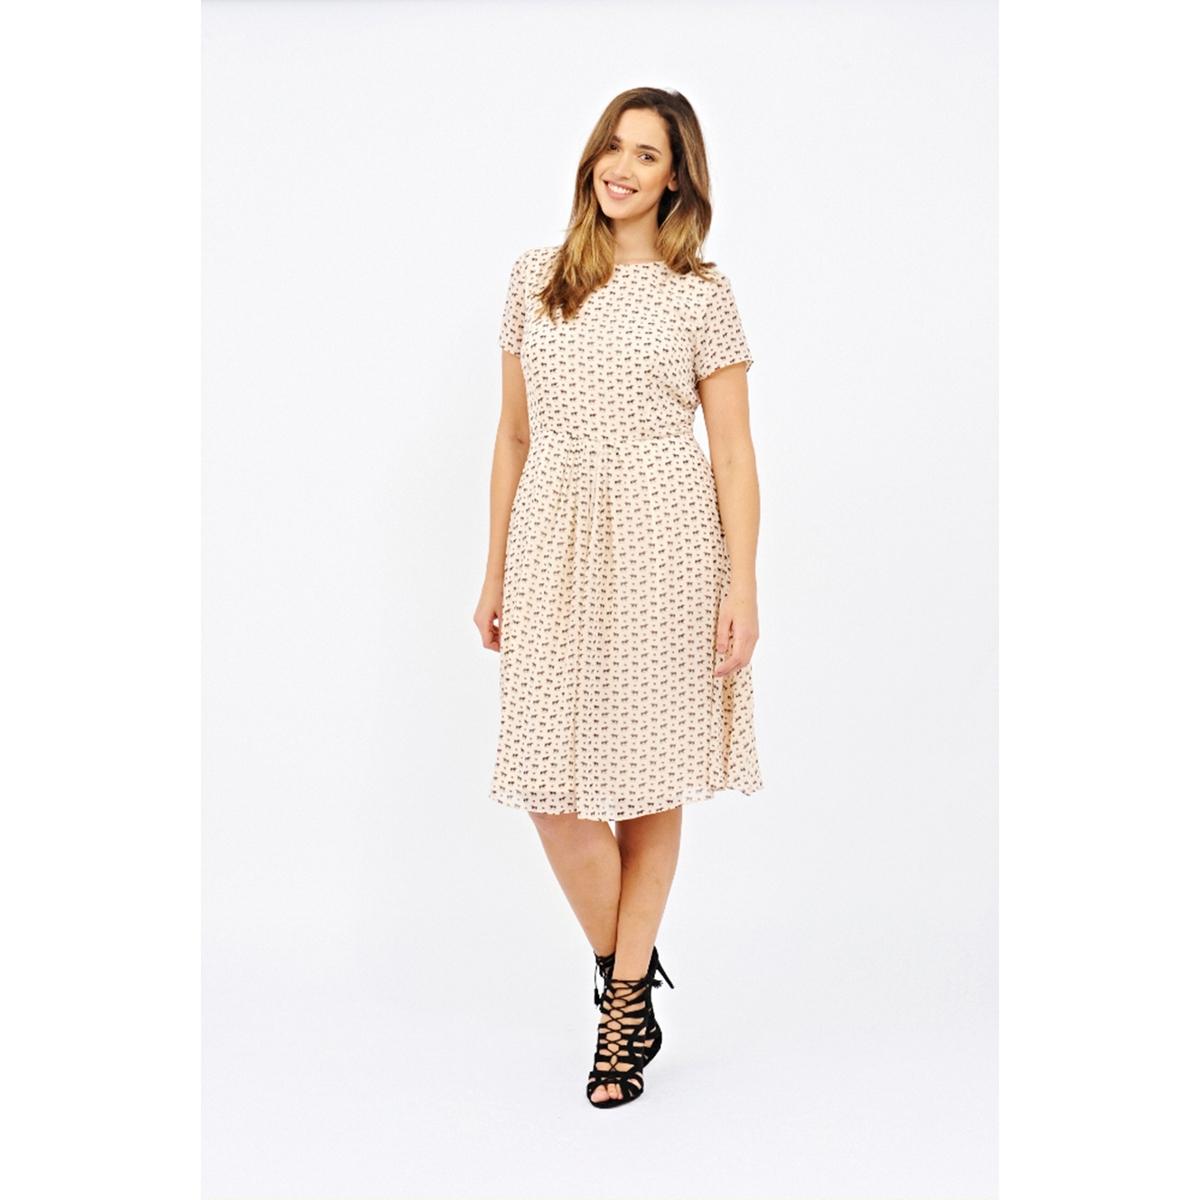 Платье с короткими рукавамиПлатье с короткими рукавами - LOVEDROBE. Небольшой вырез с кружевной отделкой сверху на спинке. Длина ок.104 см. 100% полиэстера.<br><br>Цвет: набивной рисунок<br>Размер: 58/60 (FR) - 64/66 (RUS)